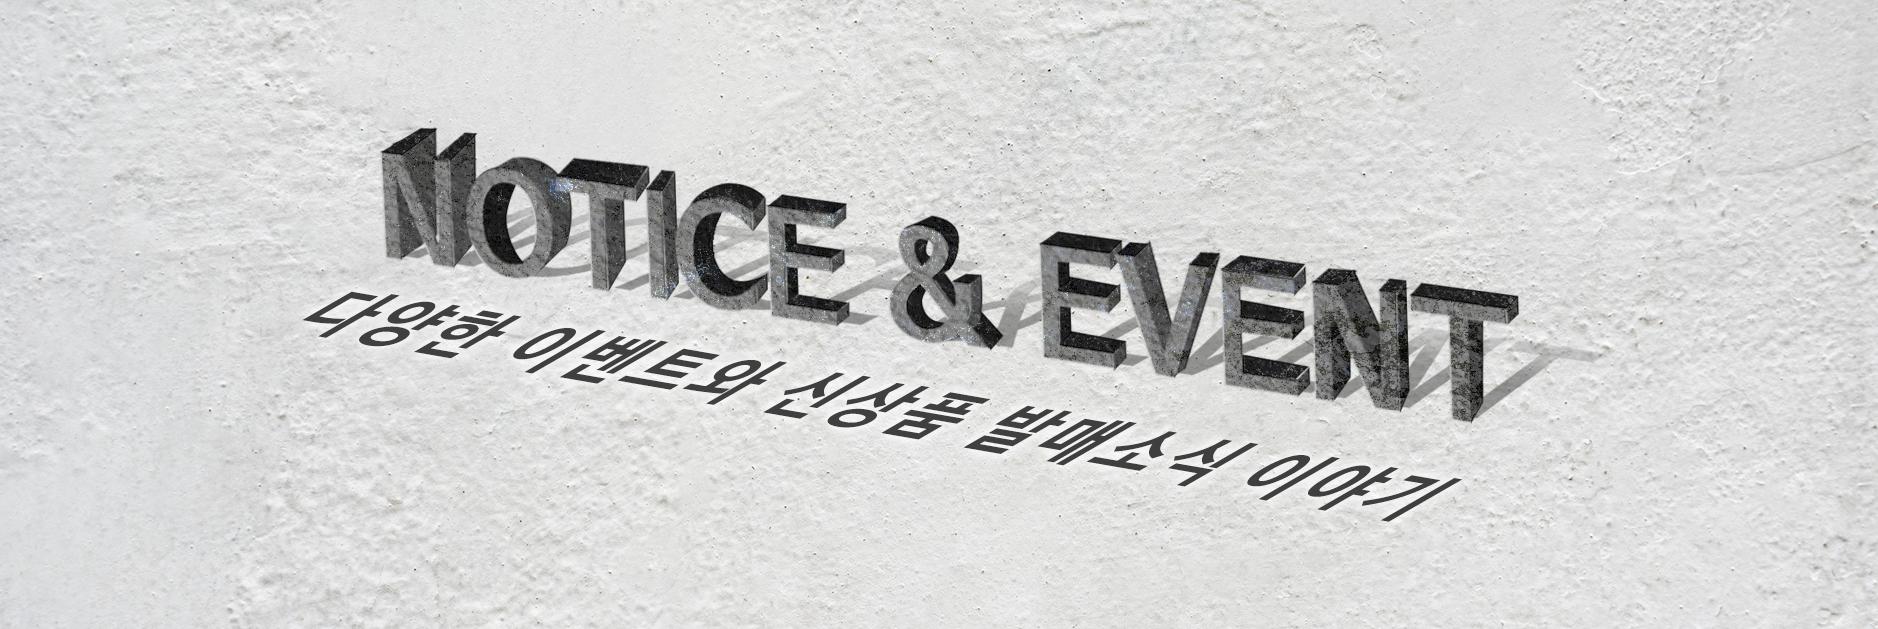 제로투히어로의 다양한 이벤트와 신상품 발매 소식 이야기